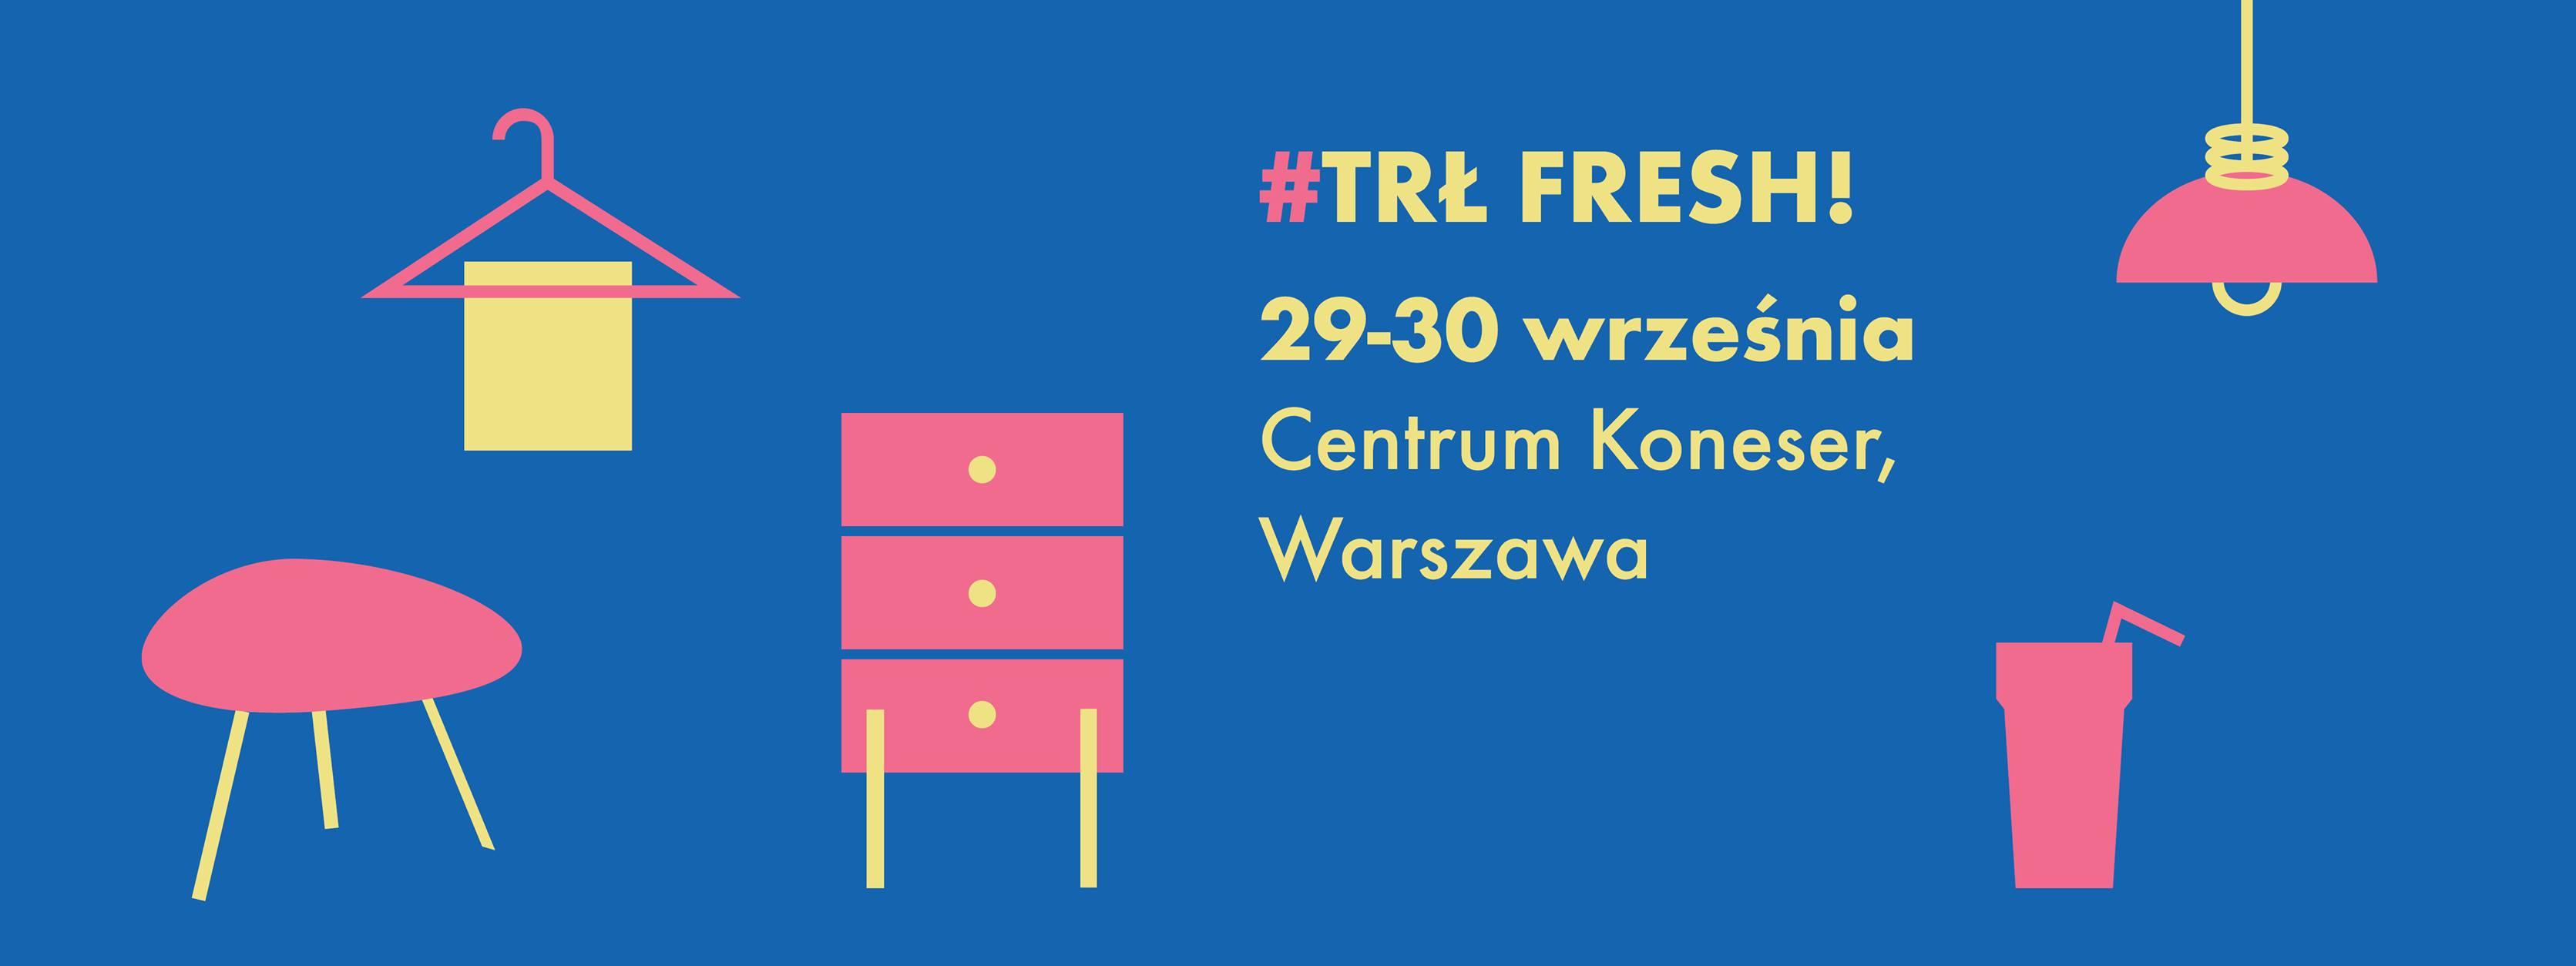 TRŁ Fresh! - Targi Rzeczy Ładnych w Koneserze